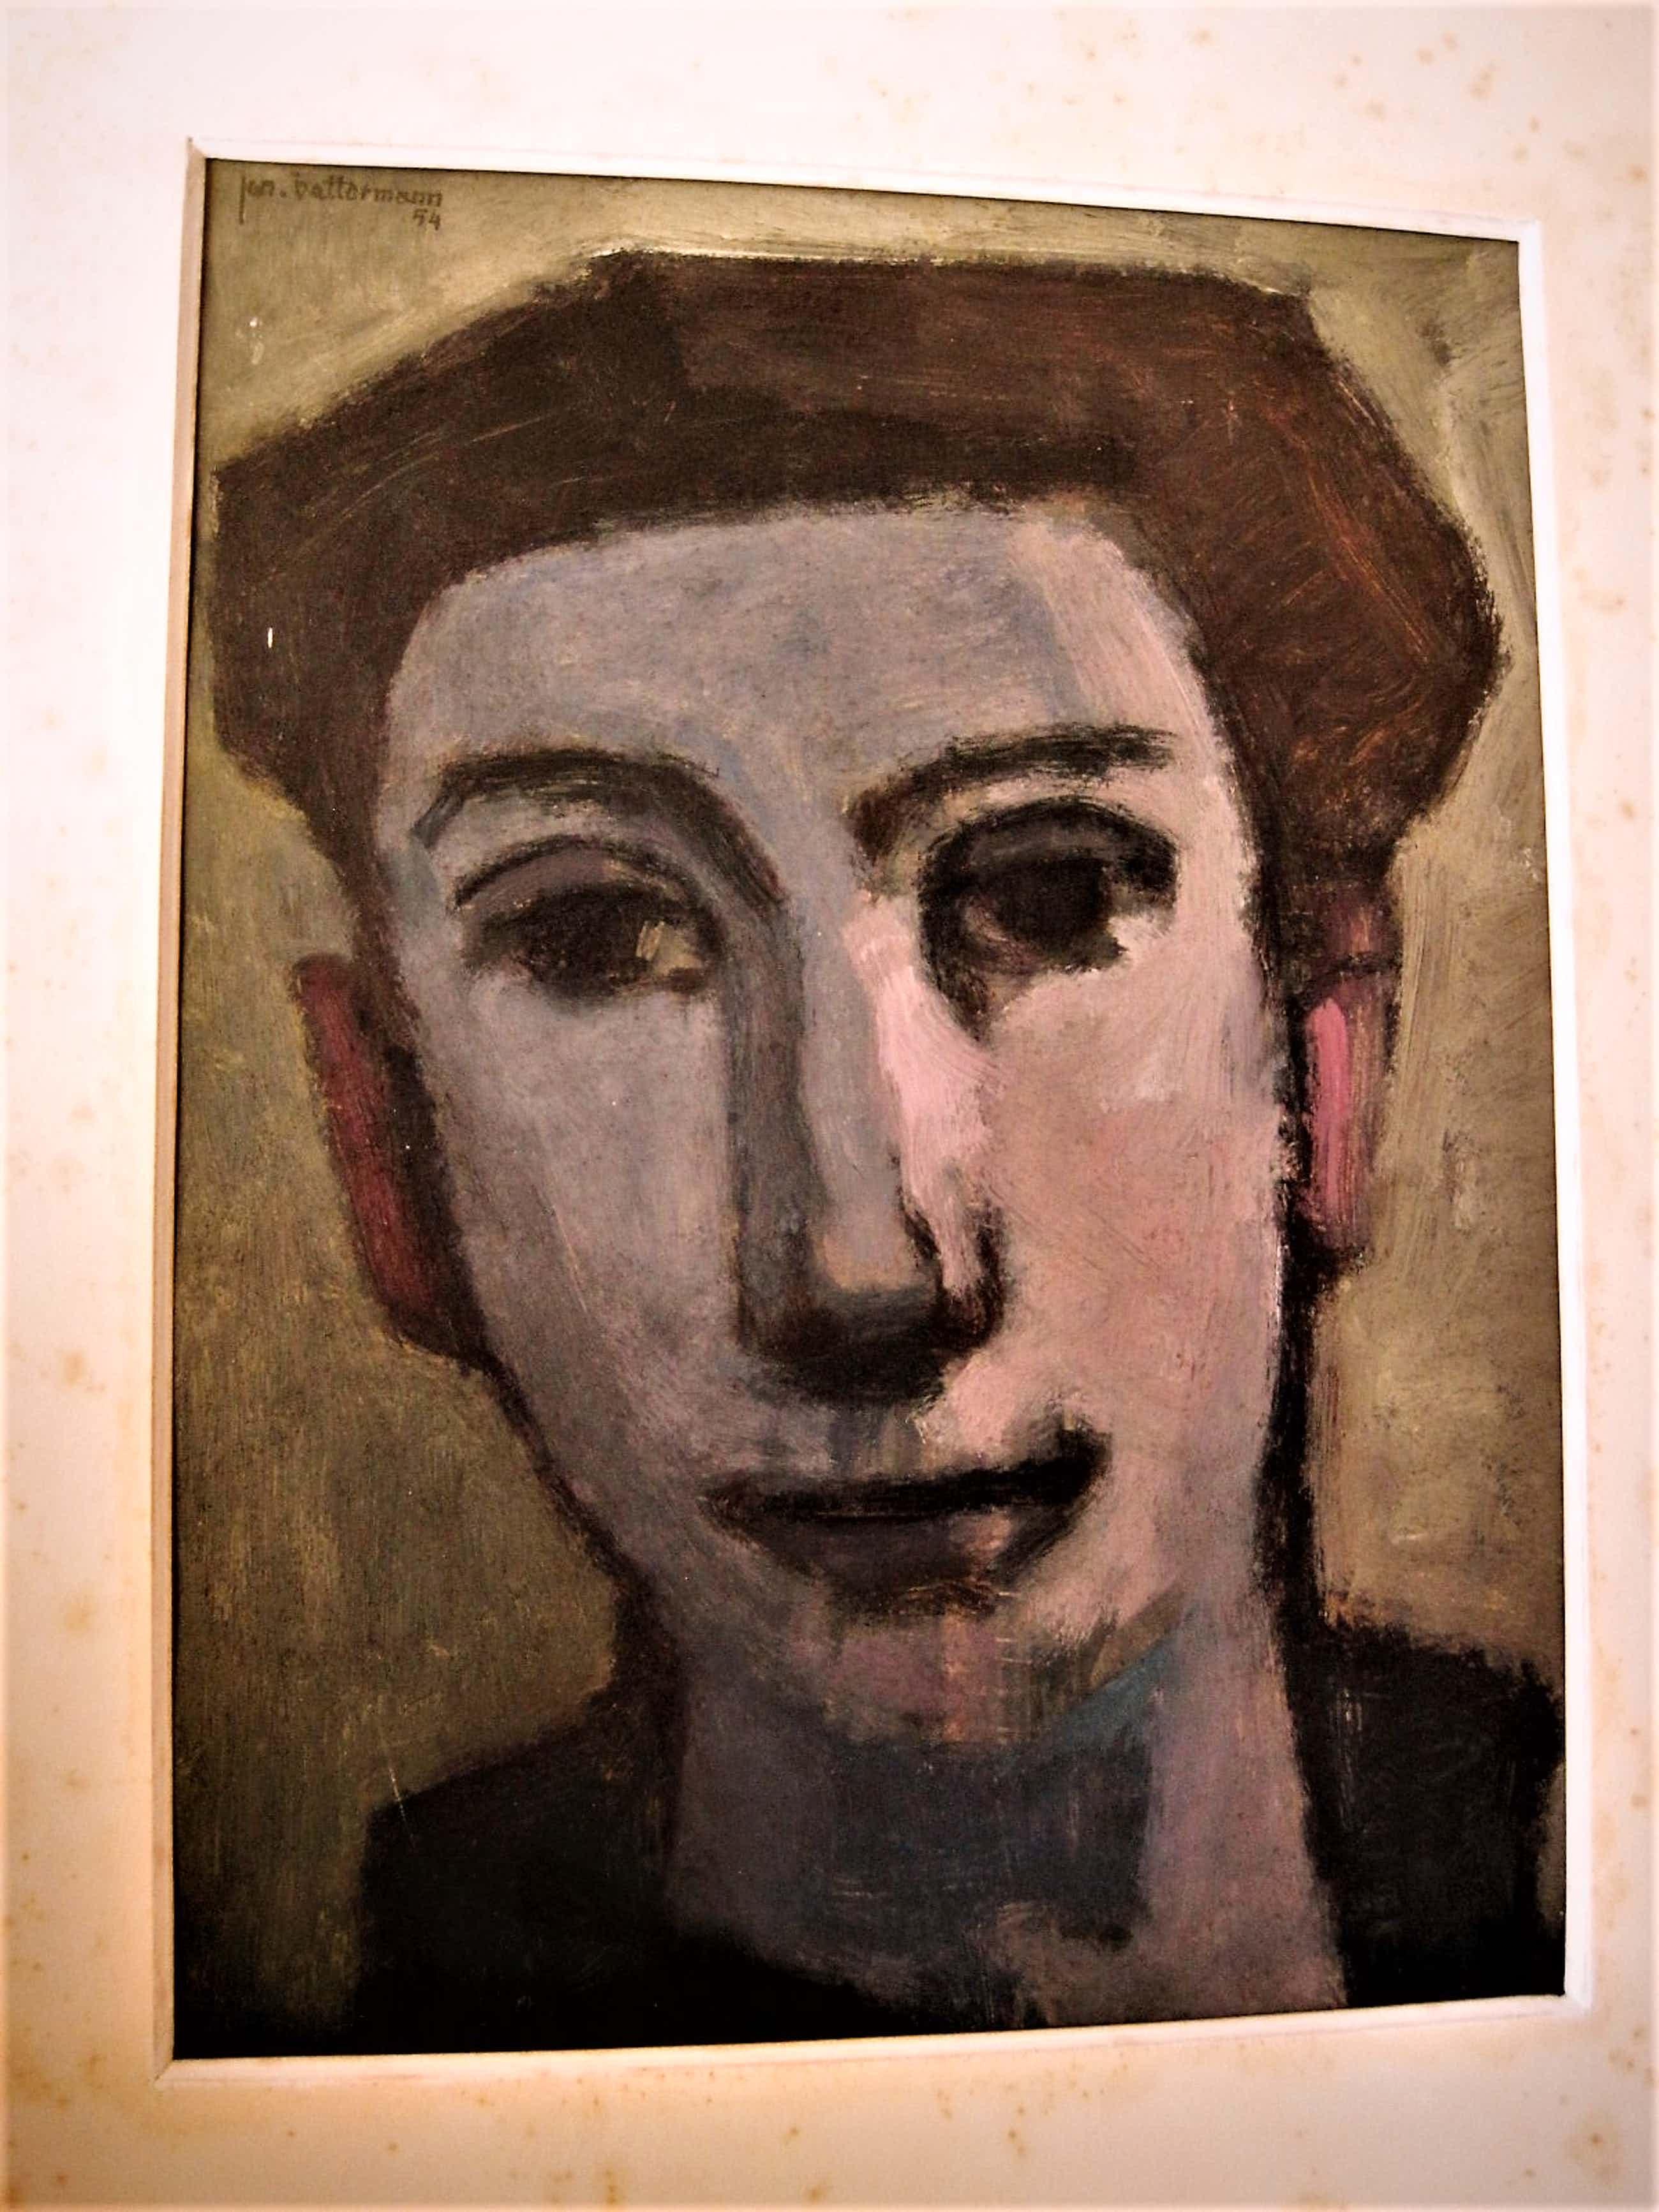 """Jan Battermann - Amsterdam 1954 -Ingetogen olieverf """"Zelfportret in avondsfeer"""" gesigneerd kopen? Bied vanaf 60!"""